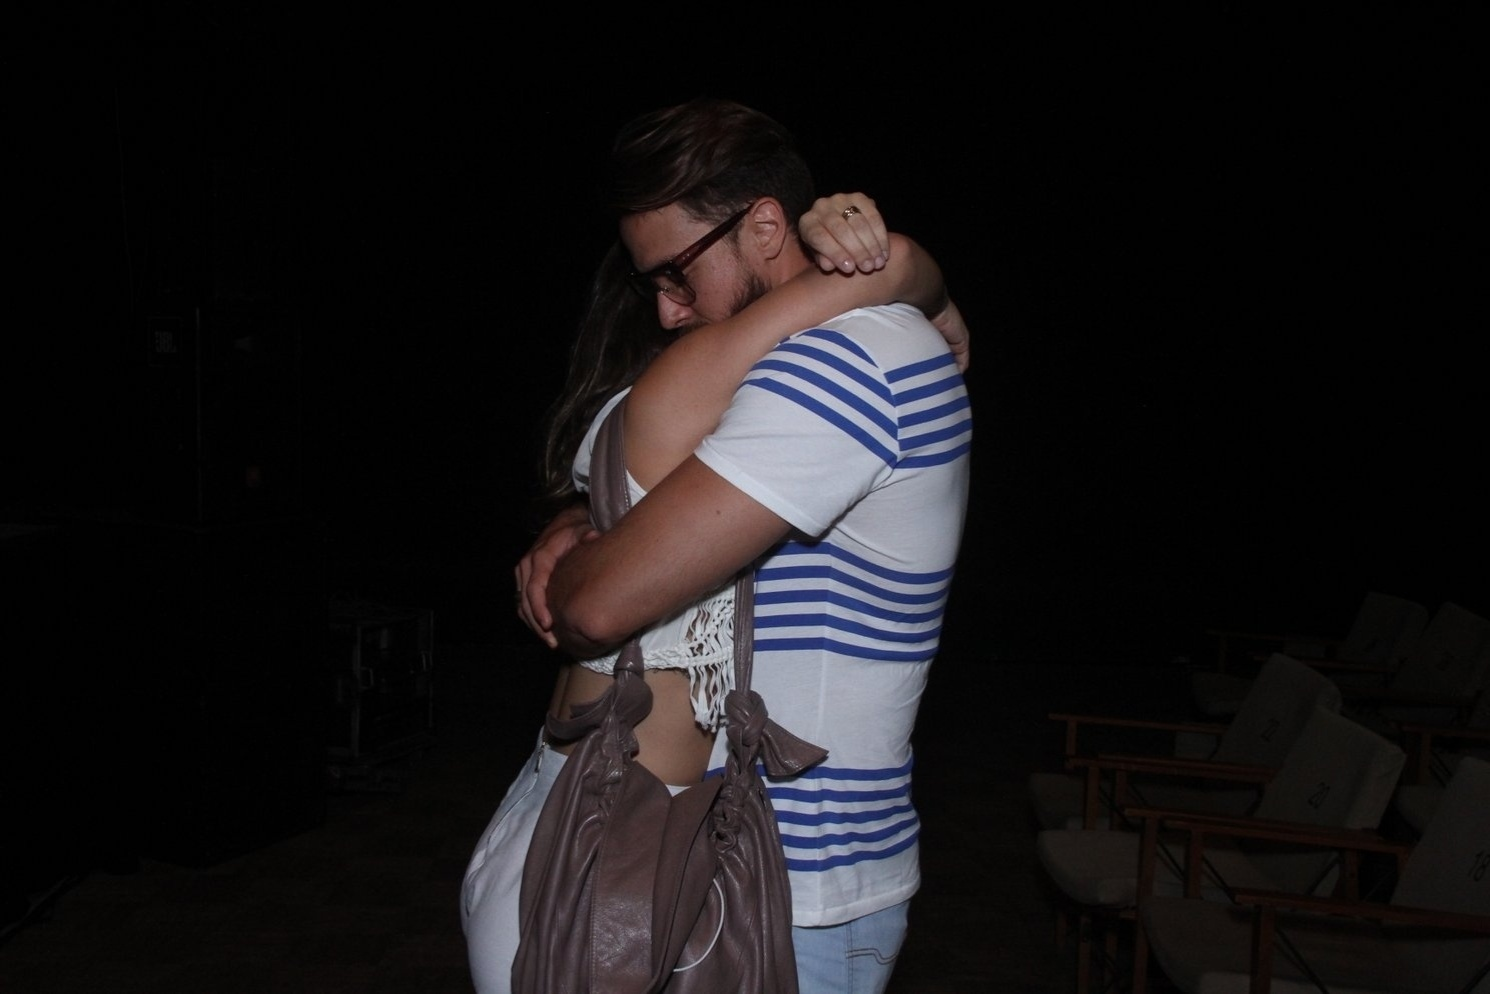 16.jan.2015 - Priscila Fantin ganha um abraço e um beijo do marido, Renan Abreu, na estreia do espetáculo